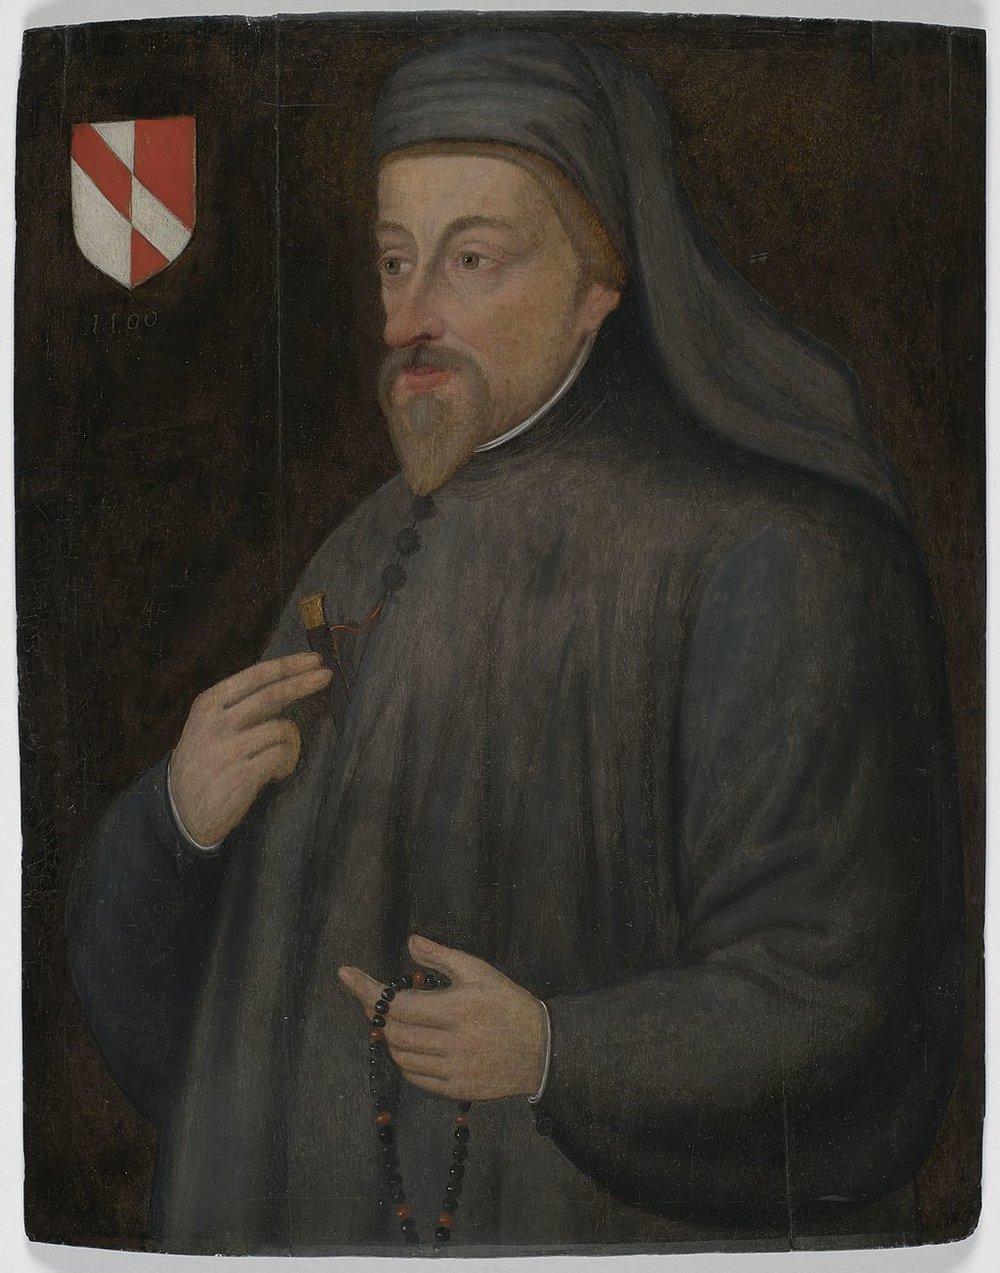 Geoffrey_Chaucer_(17th_century).jpg